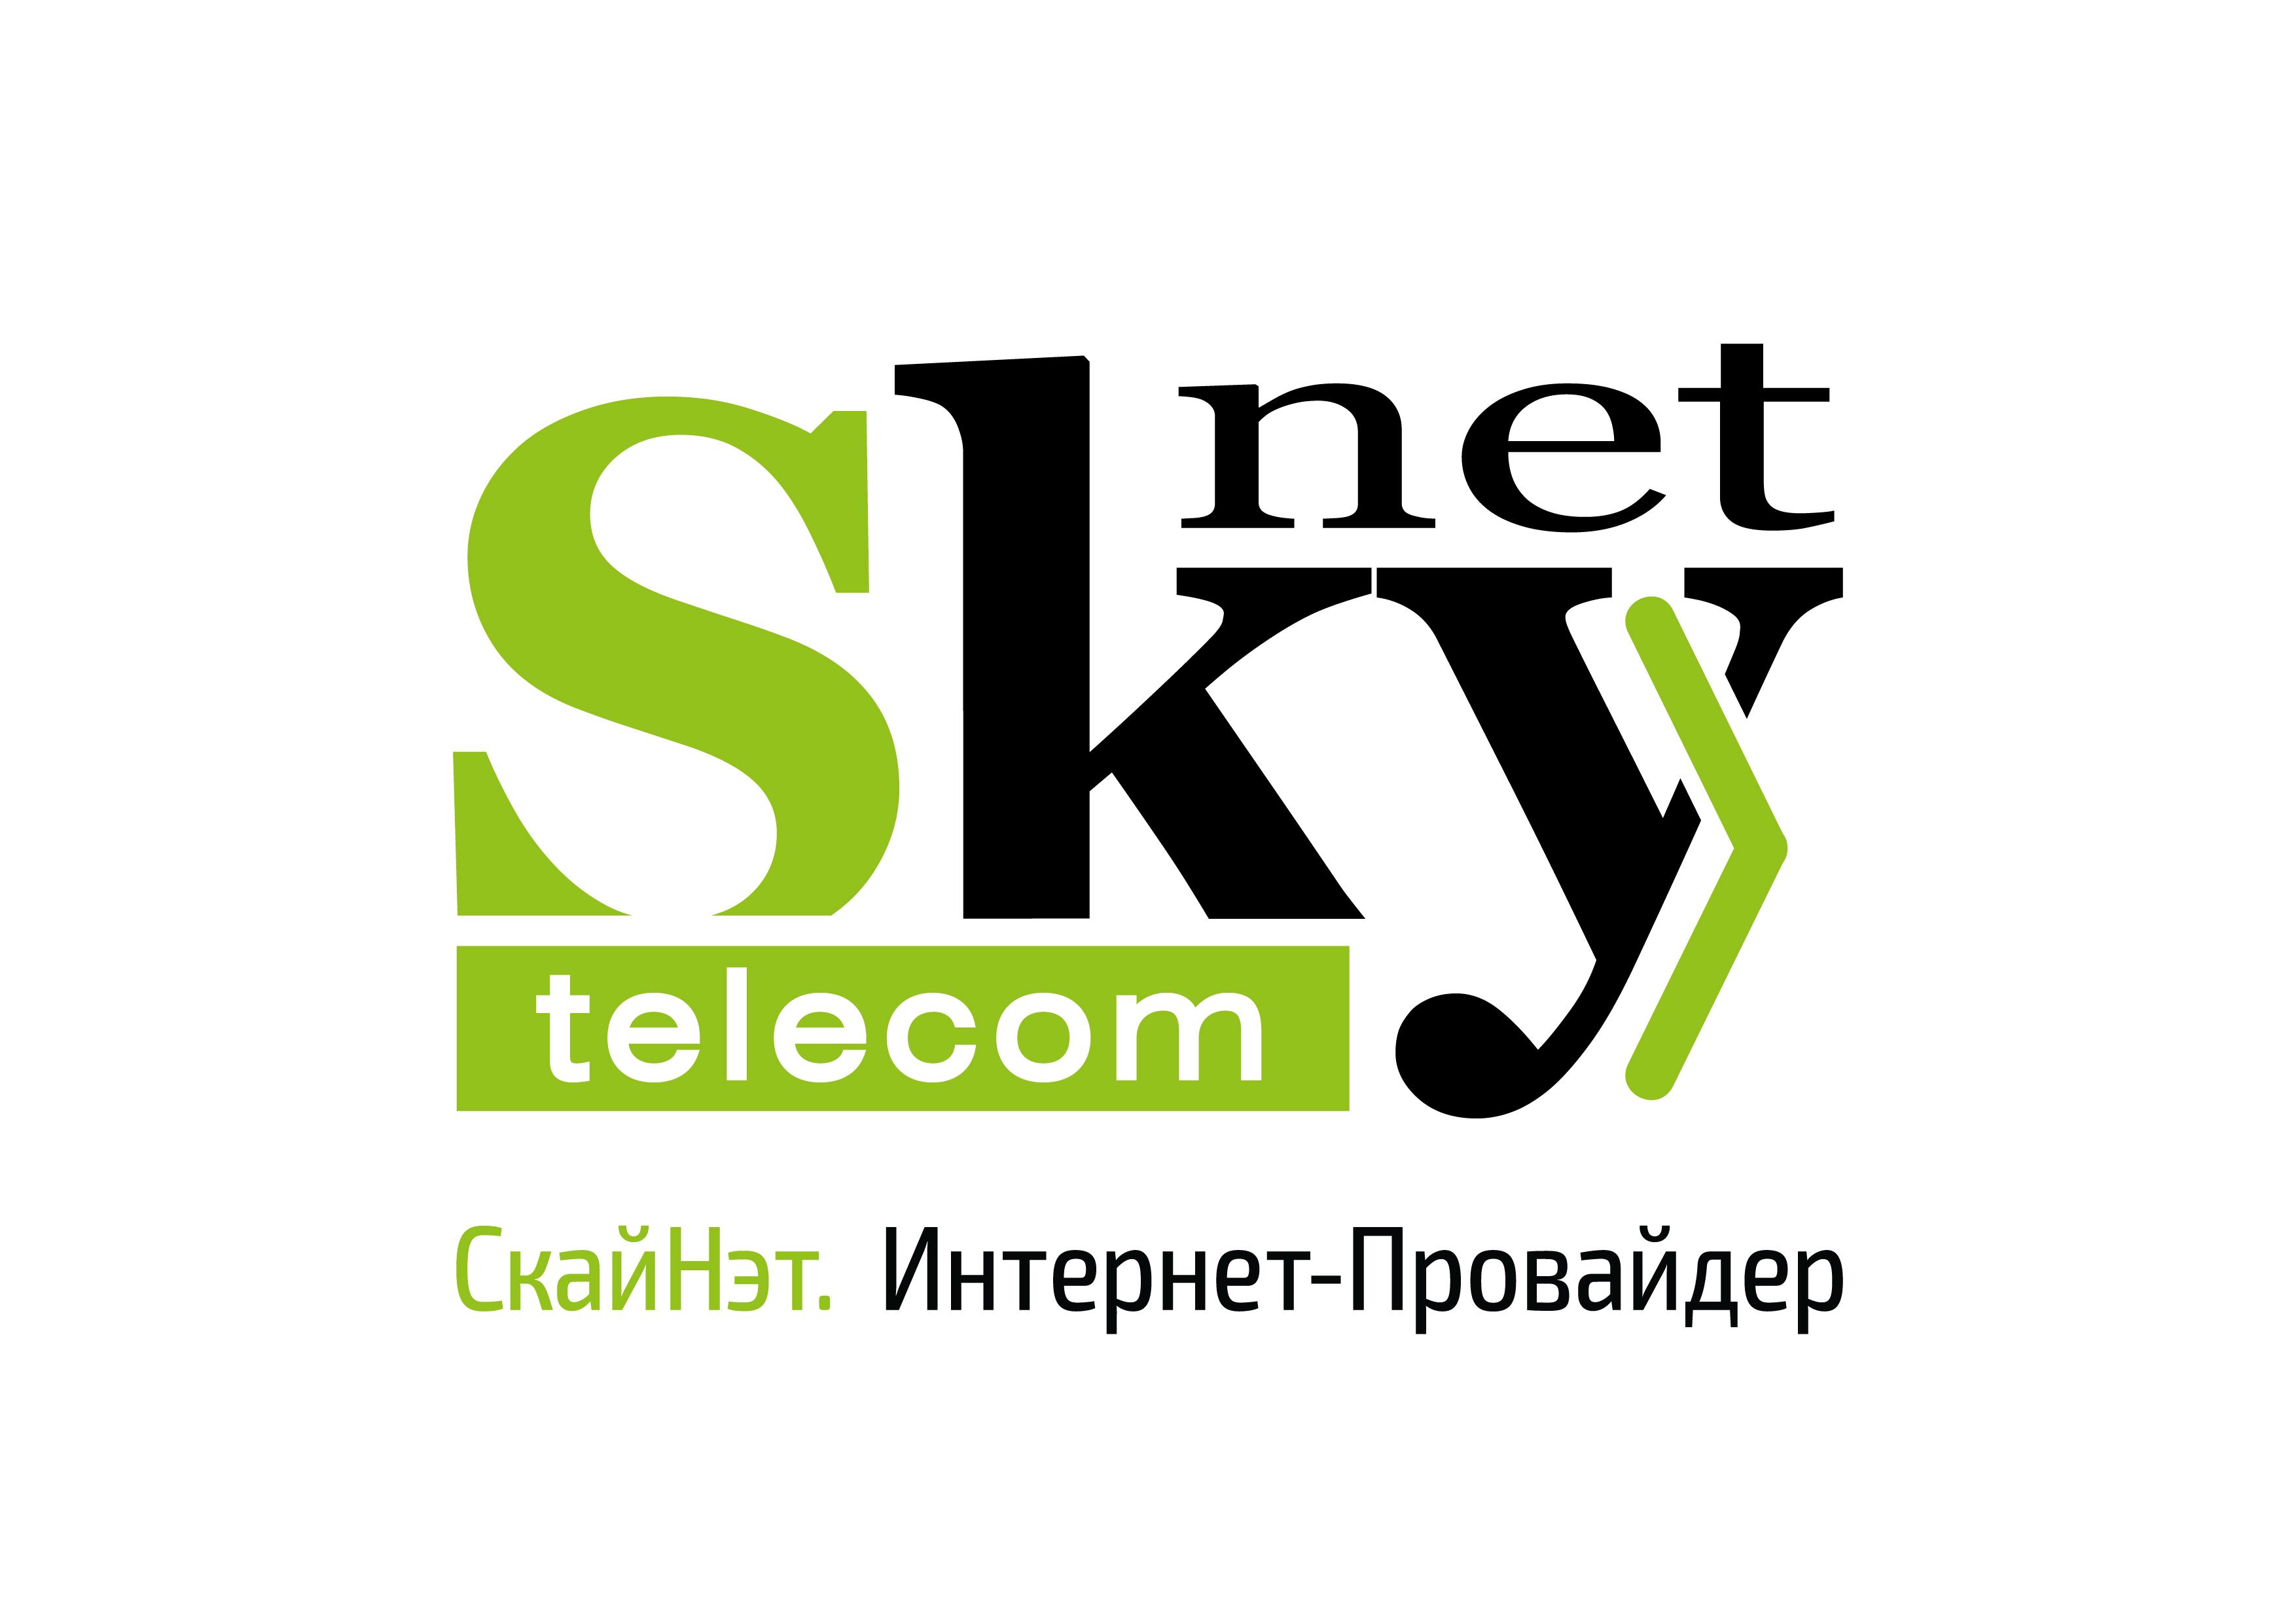 Скайнет: 4 способа оплатить банковской картой через интернет